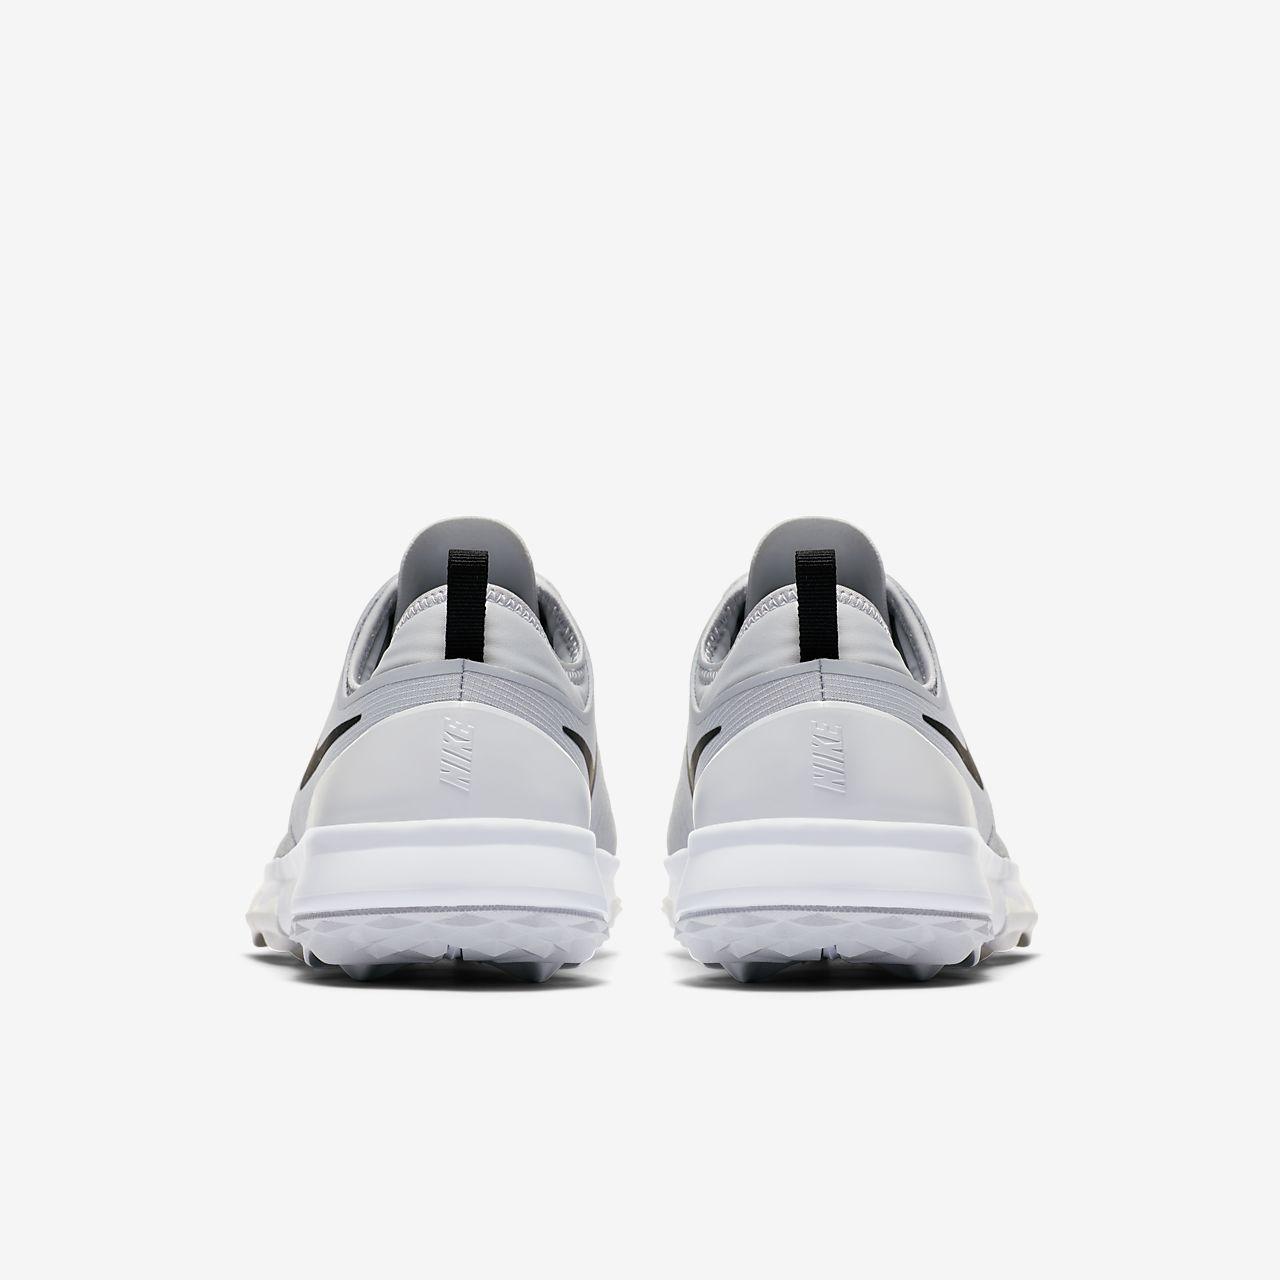 sale retailer bde04 69a0e ... Nike FI Impact 3 Men s Golf Shoe